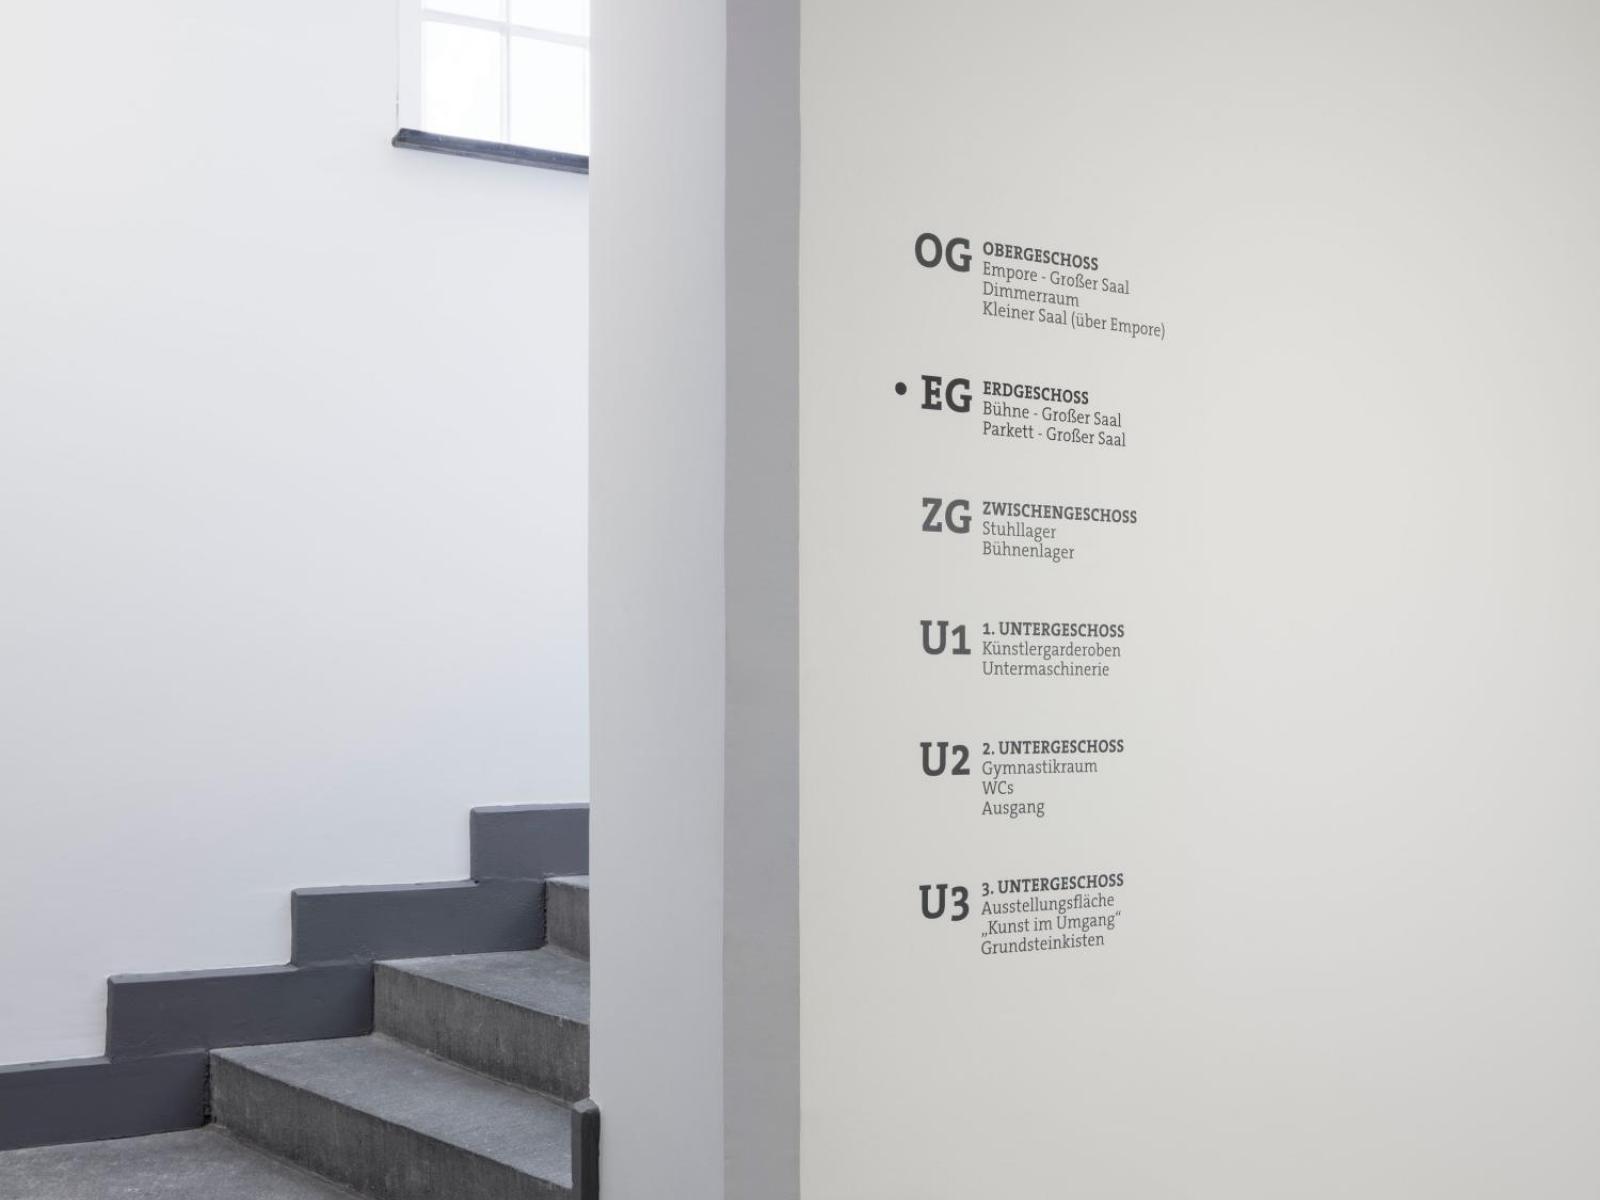 Bürgerhaus Velbert-Langenberg Leitsystem